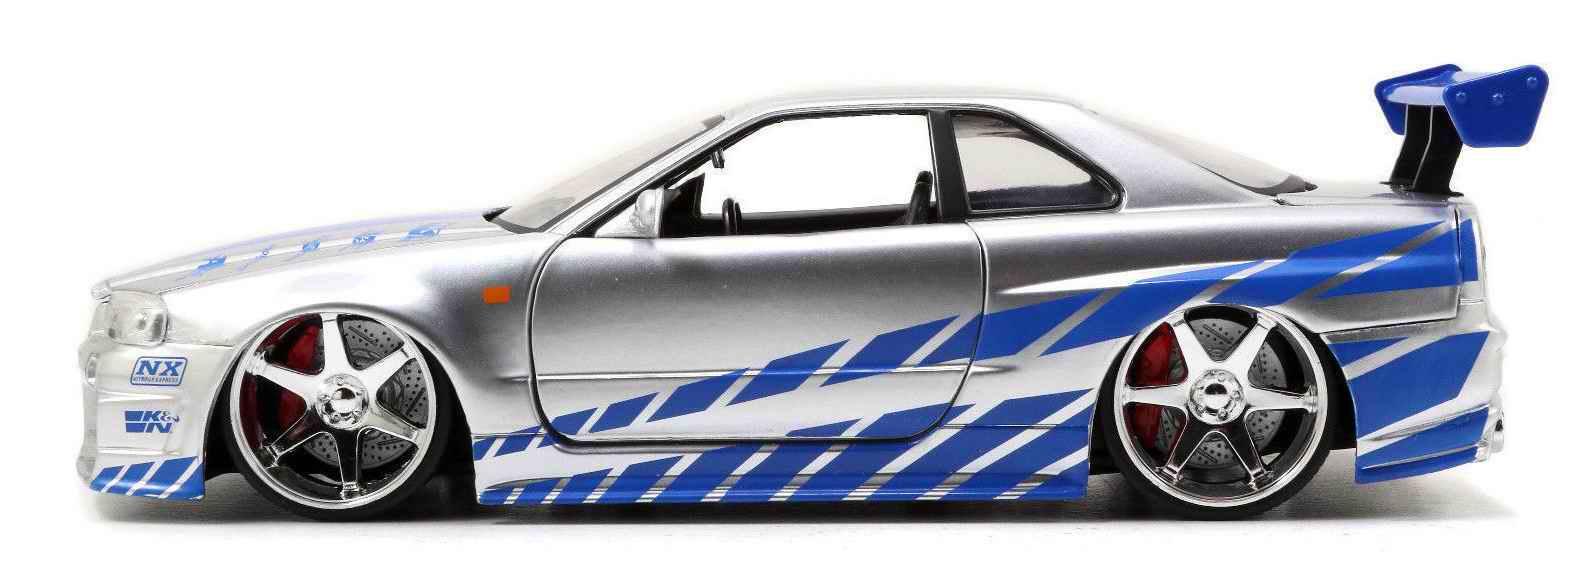 VéhiculeNISSAN Skyline GTR R34Fast and Furious 1/24ème